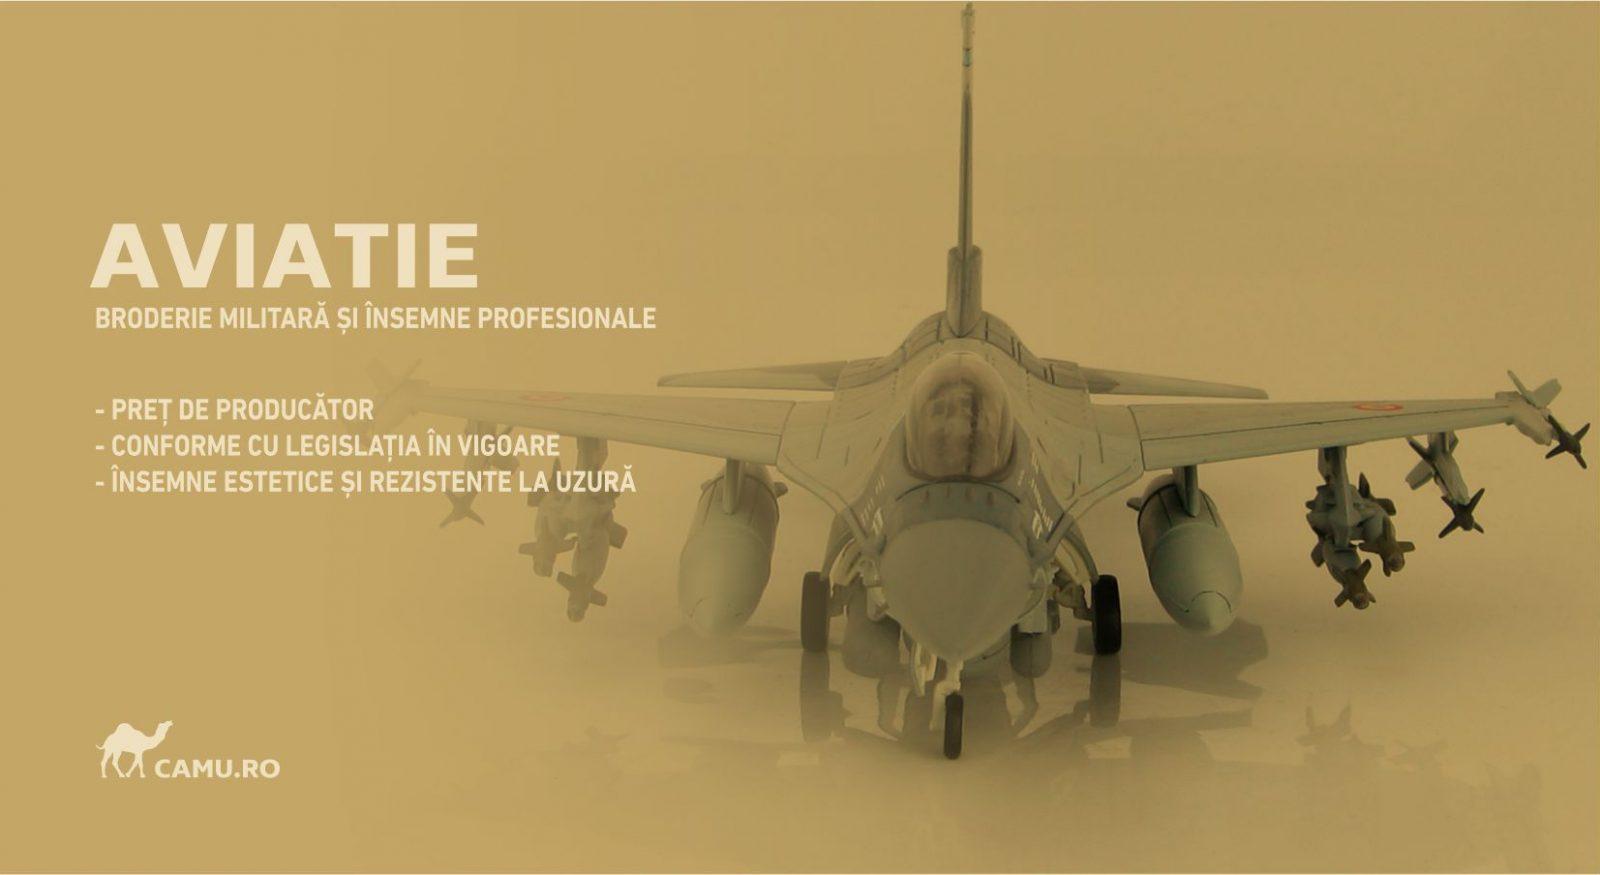 Grade Militare Aviație Militară | Aviație Civilă | IGAV | de vânzare | Embleme Aviație | Petlițe | Ecusoane | Nominale și alte însemne distinctive pentru uniforma Aviație. *Conforme cu legislația în vigoare.